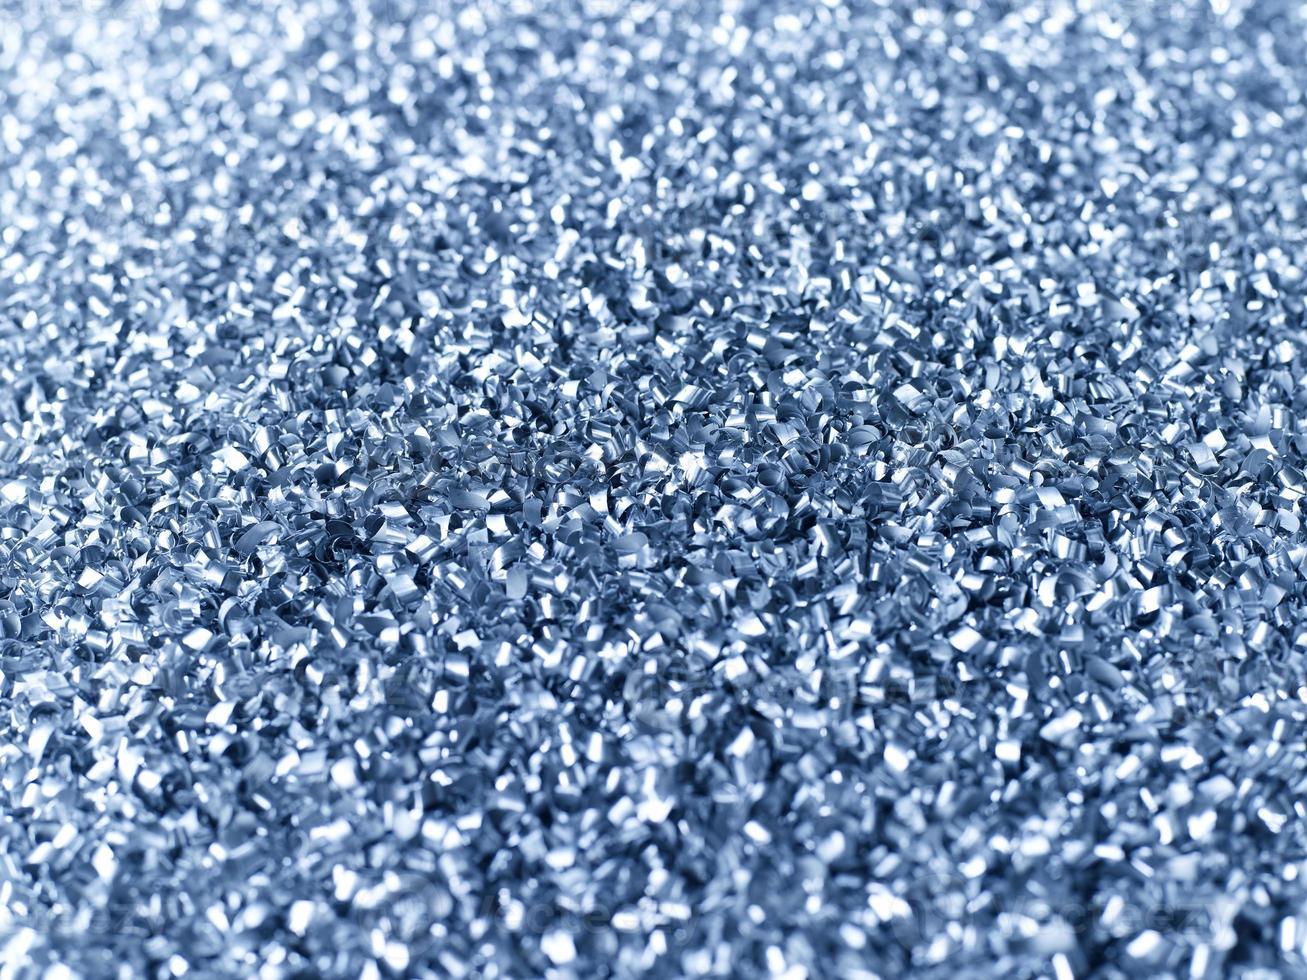 aluminiumspaanders verzameld voor recycling foto